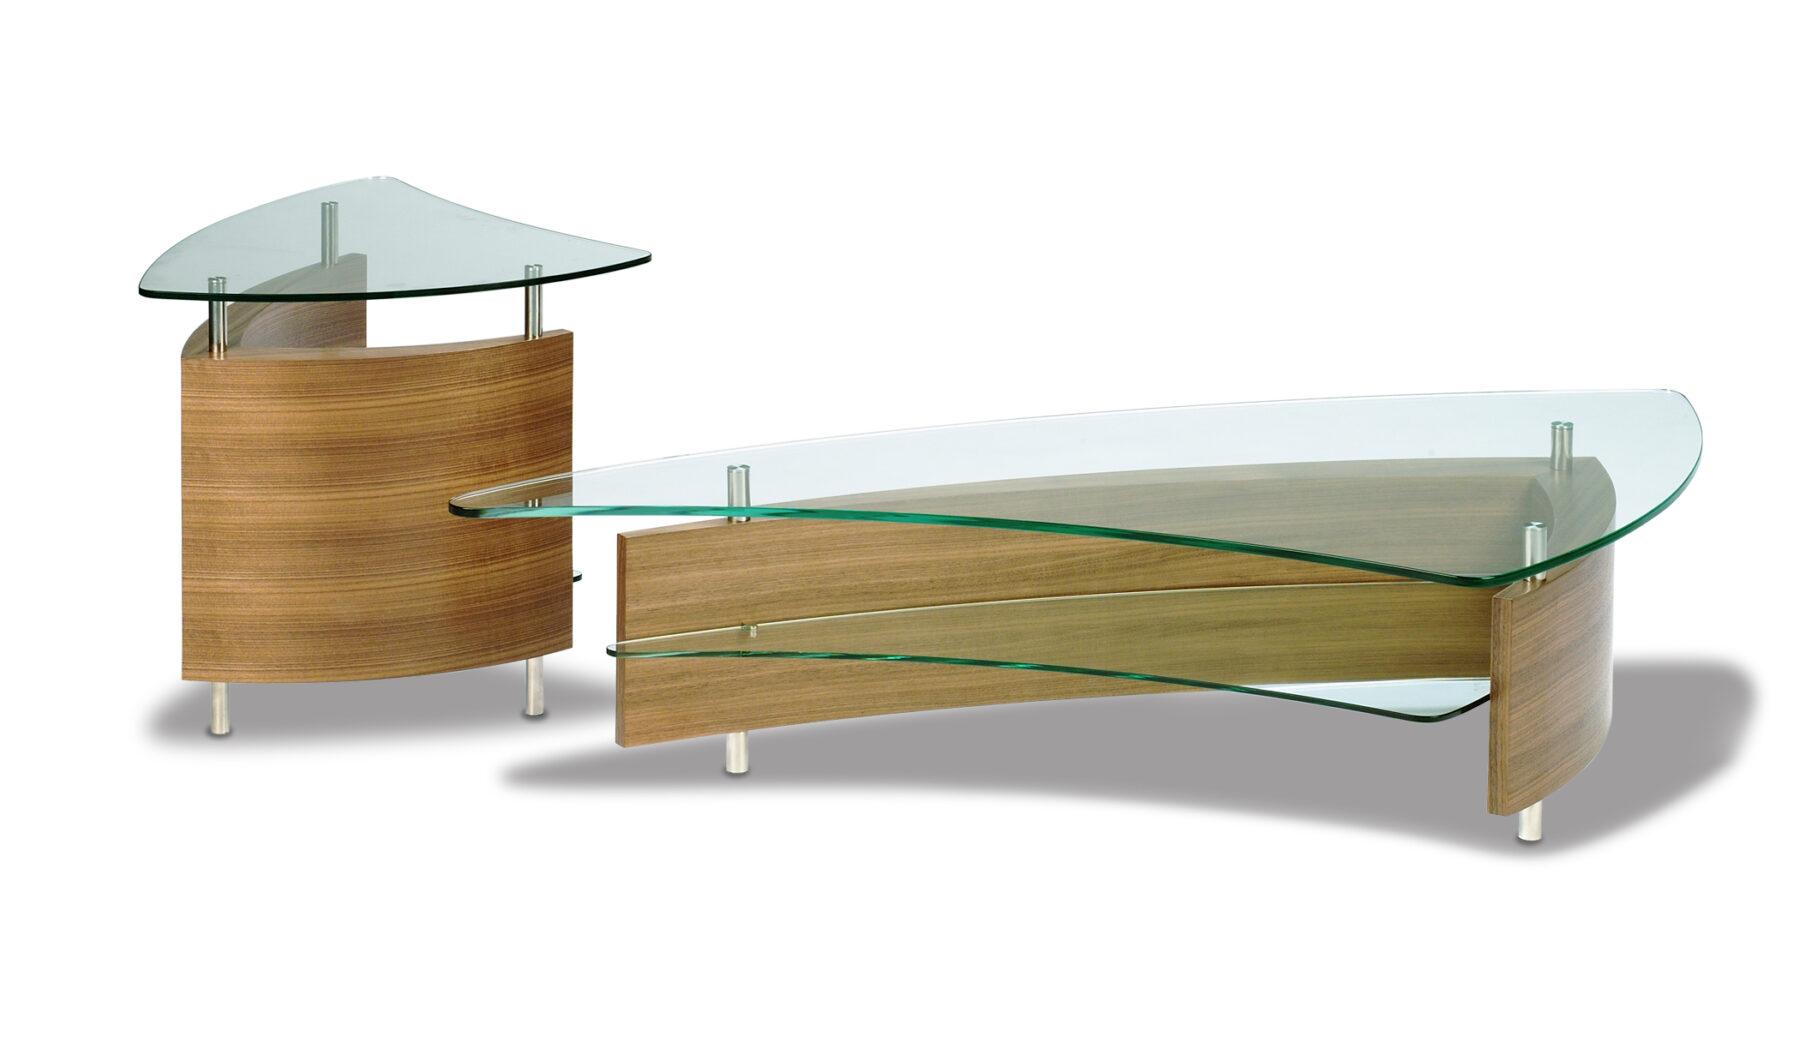 fin-1106-1110-walnut-bdi-contemporary-coffee-tables-1